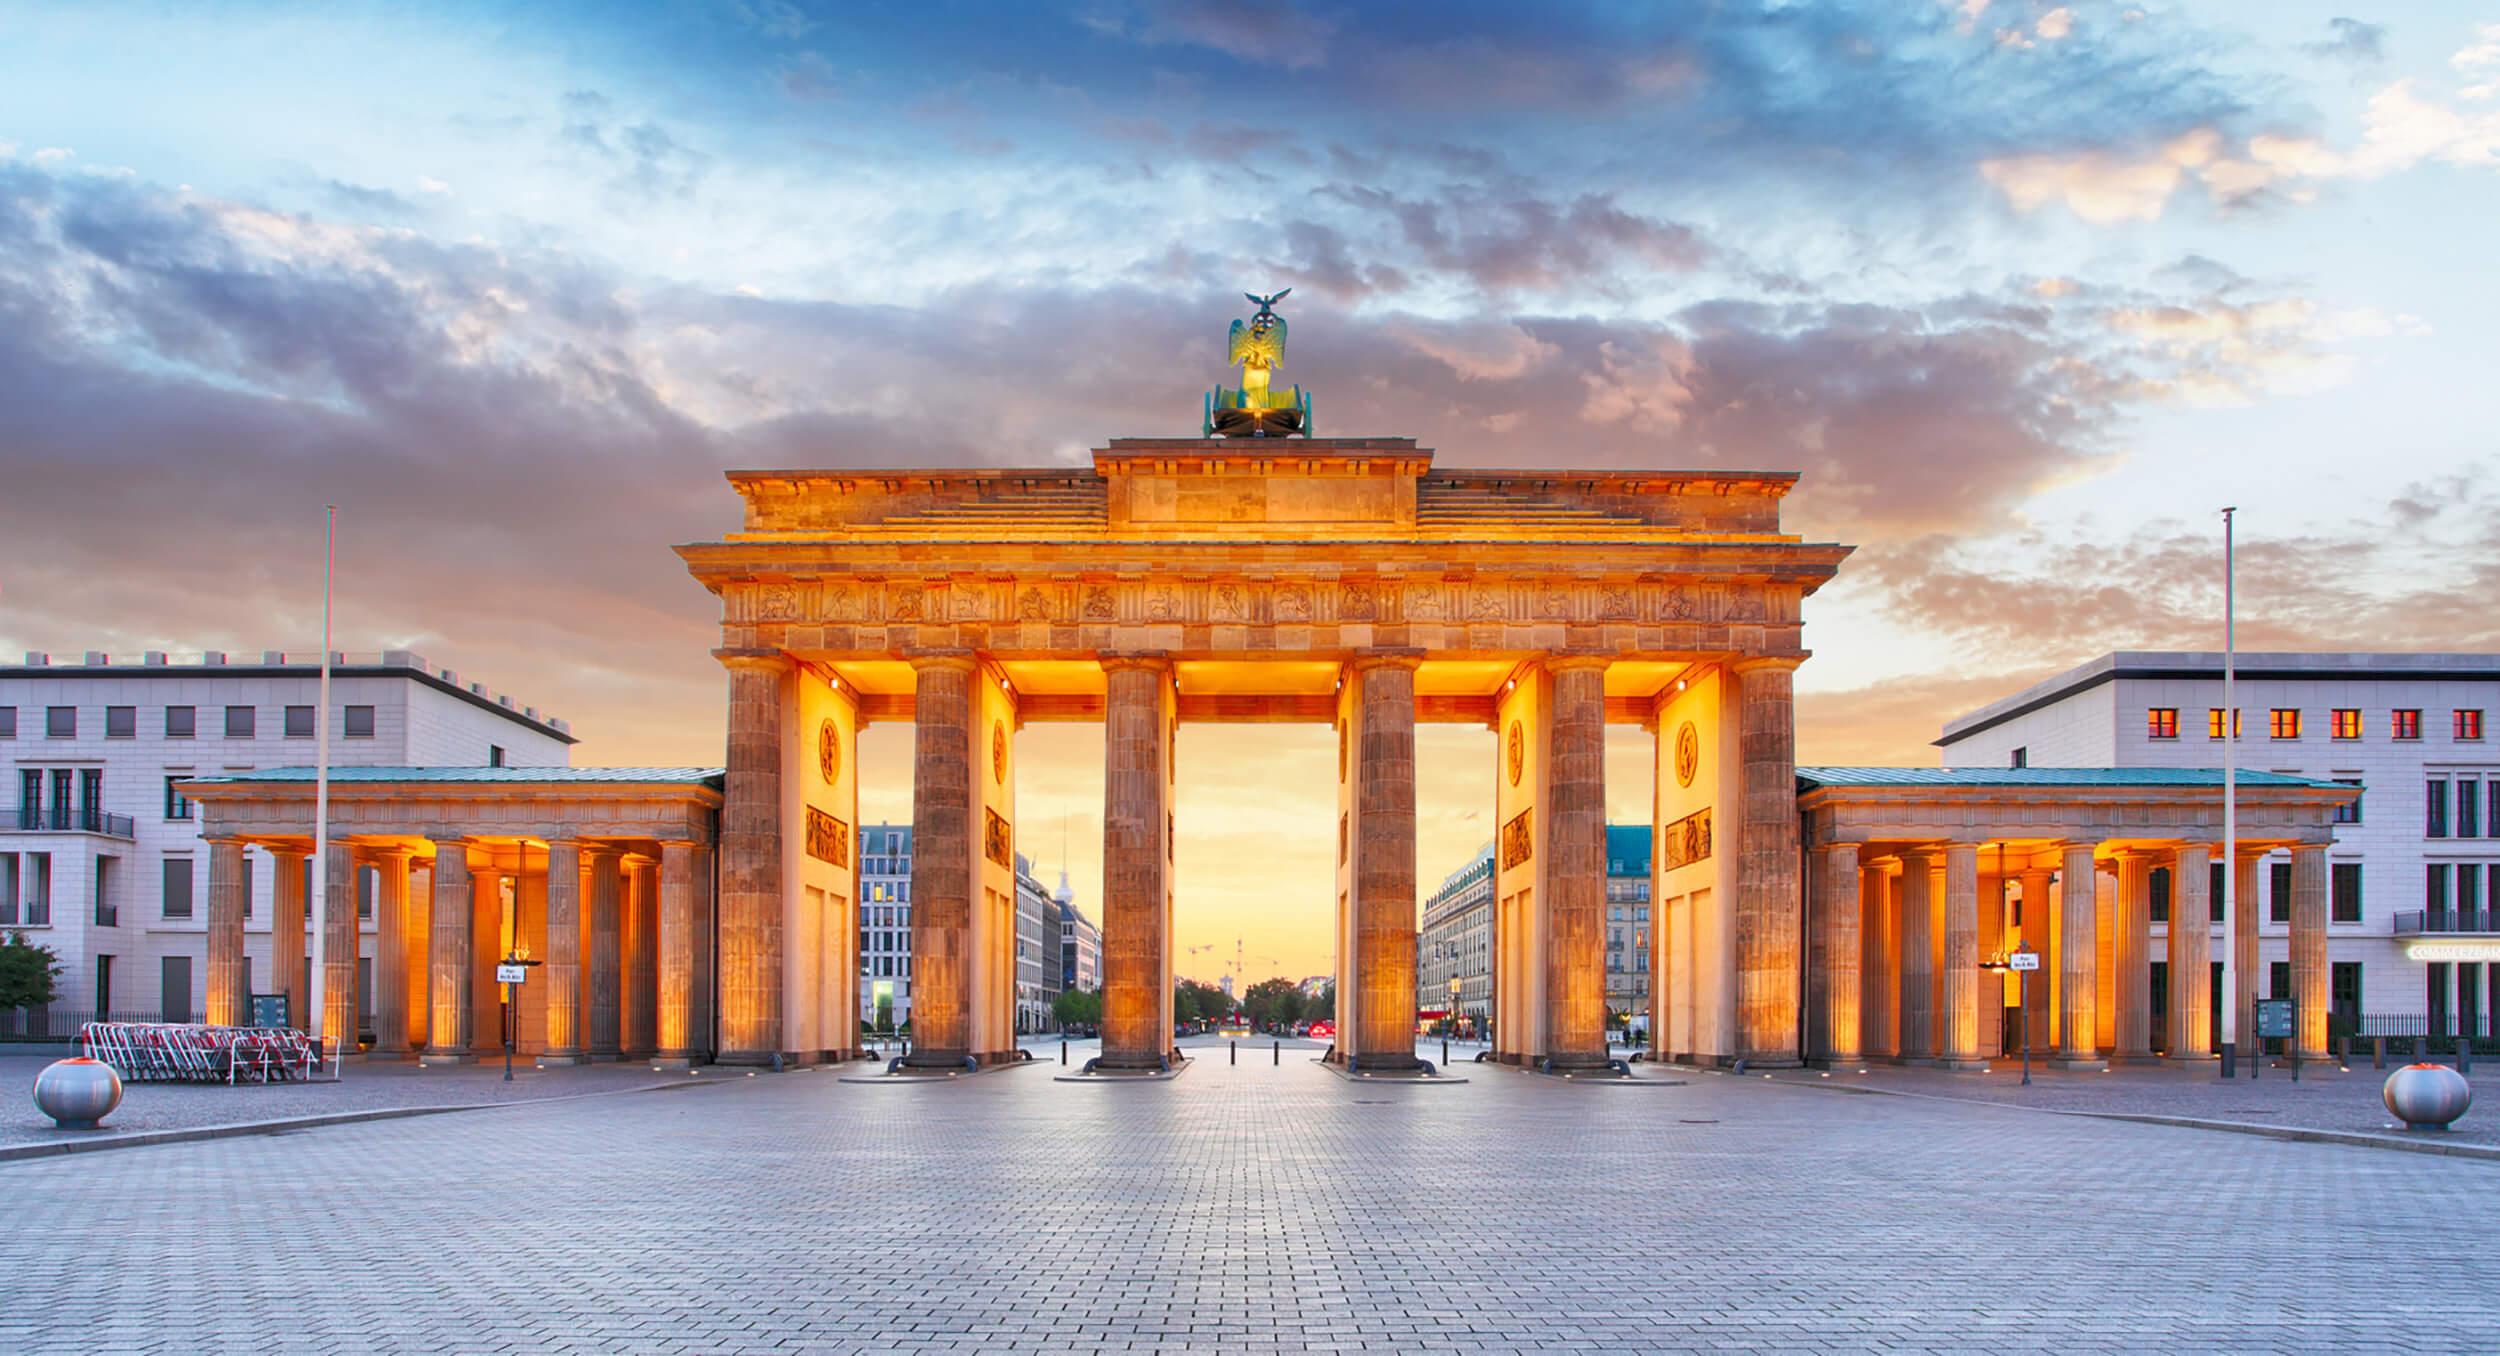 Mit unserem Urlaub Spezial nach Berlin! Als Mitglied der GBS finden Sie deutschlandweit preiswerte Unterkünfte.